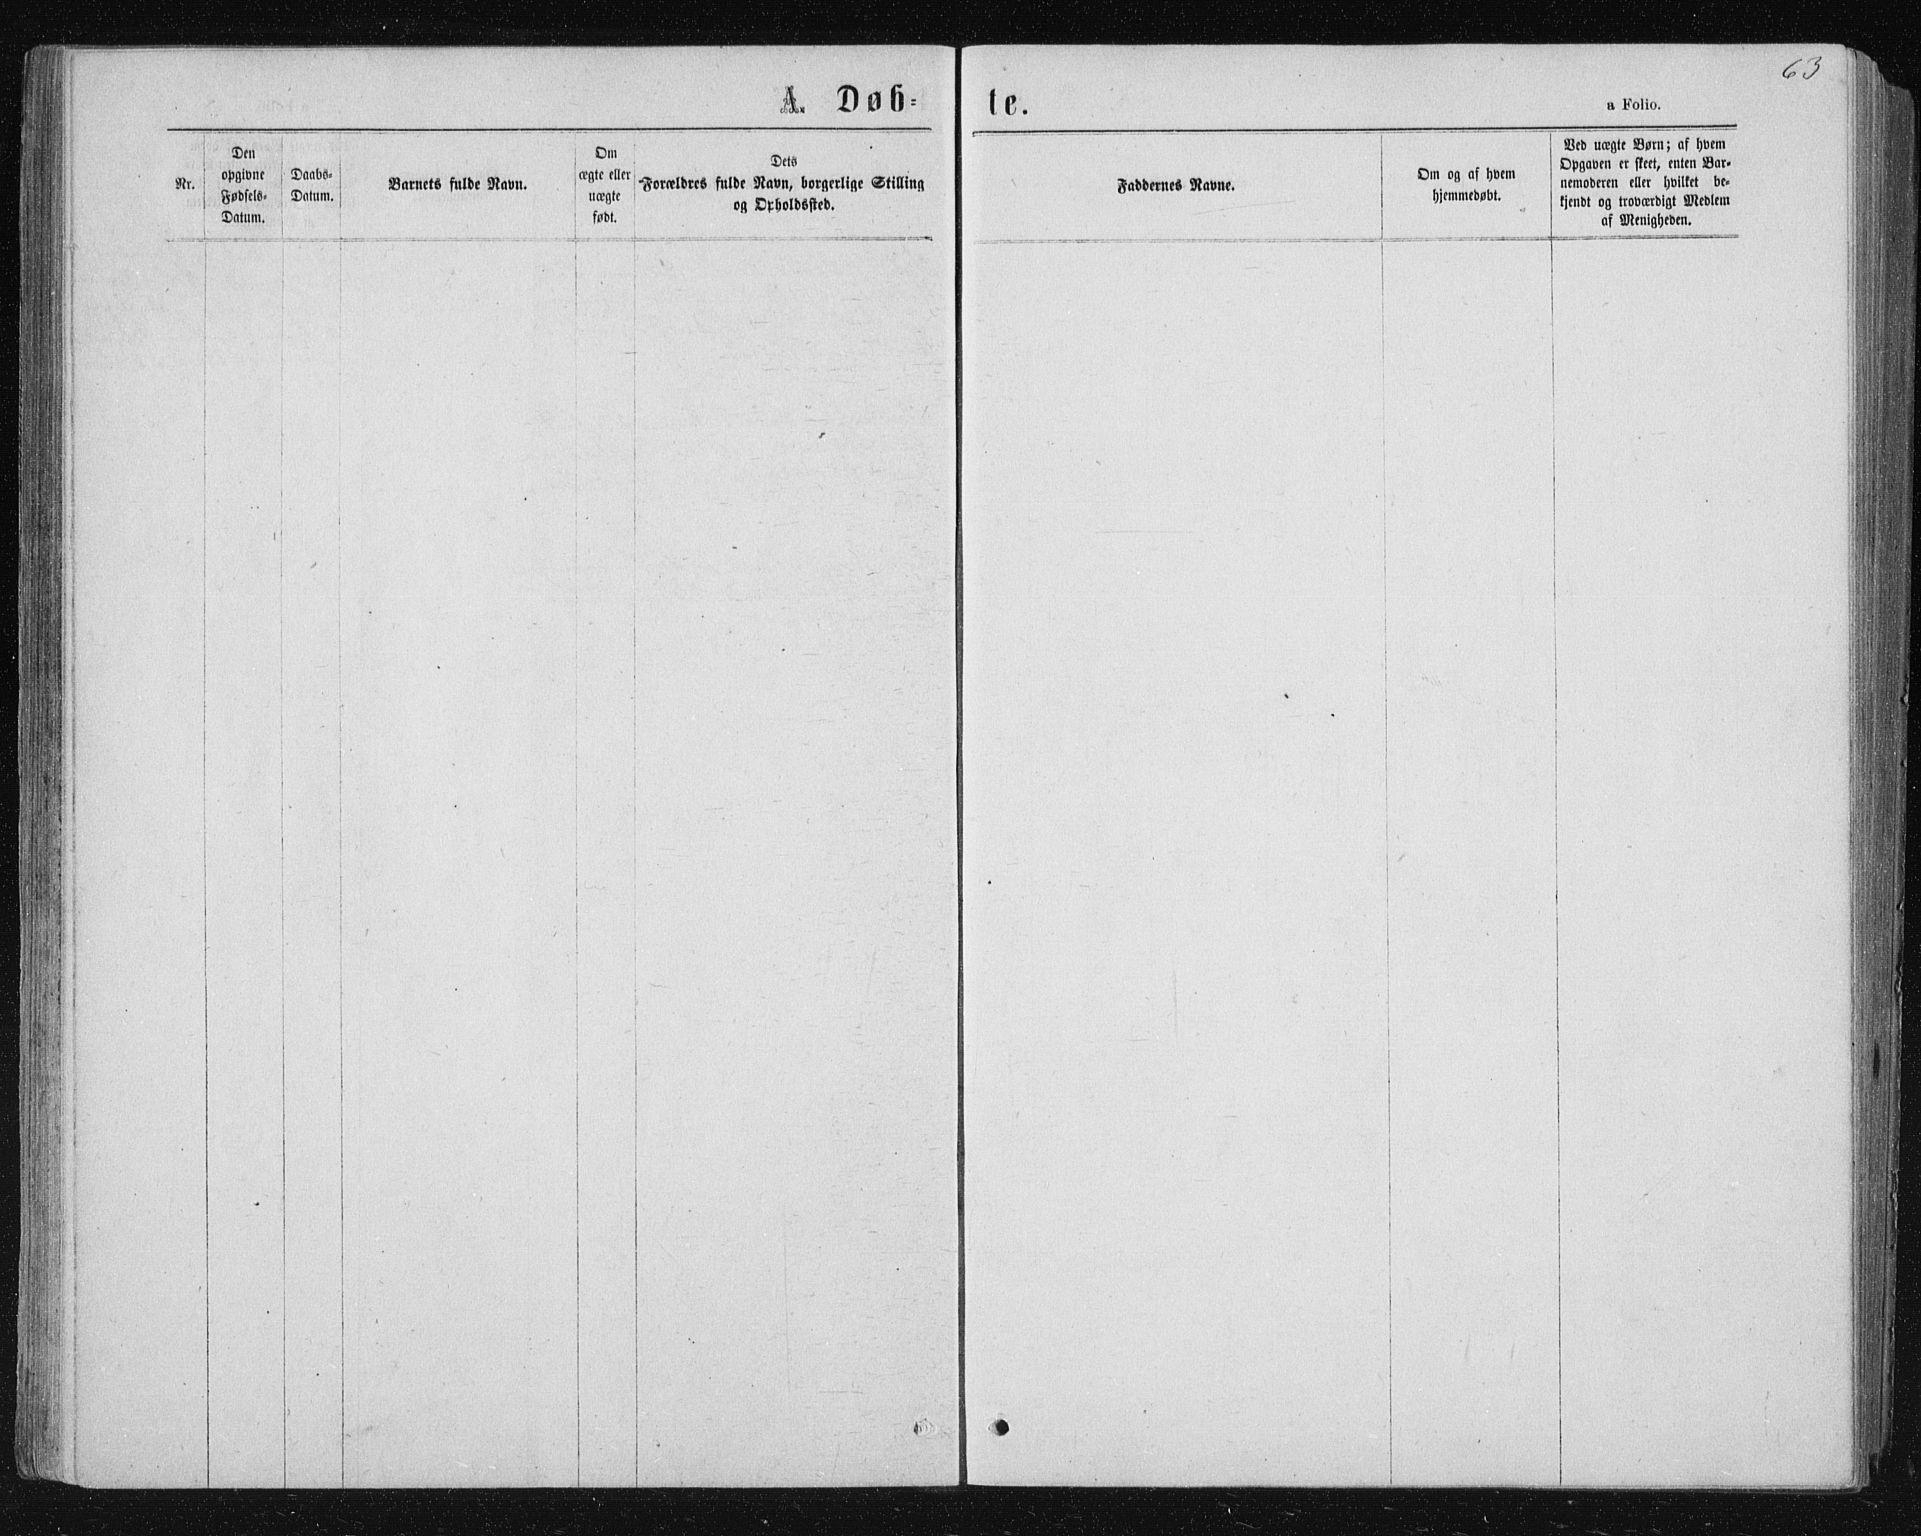 SAT, Ministerialprotokoller, klokkerbøker og fødselsregistre - Nord-Trøndelag, 722/L0219: Ministerialbok nr. 722A06, 1868-1880, s. 63